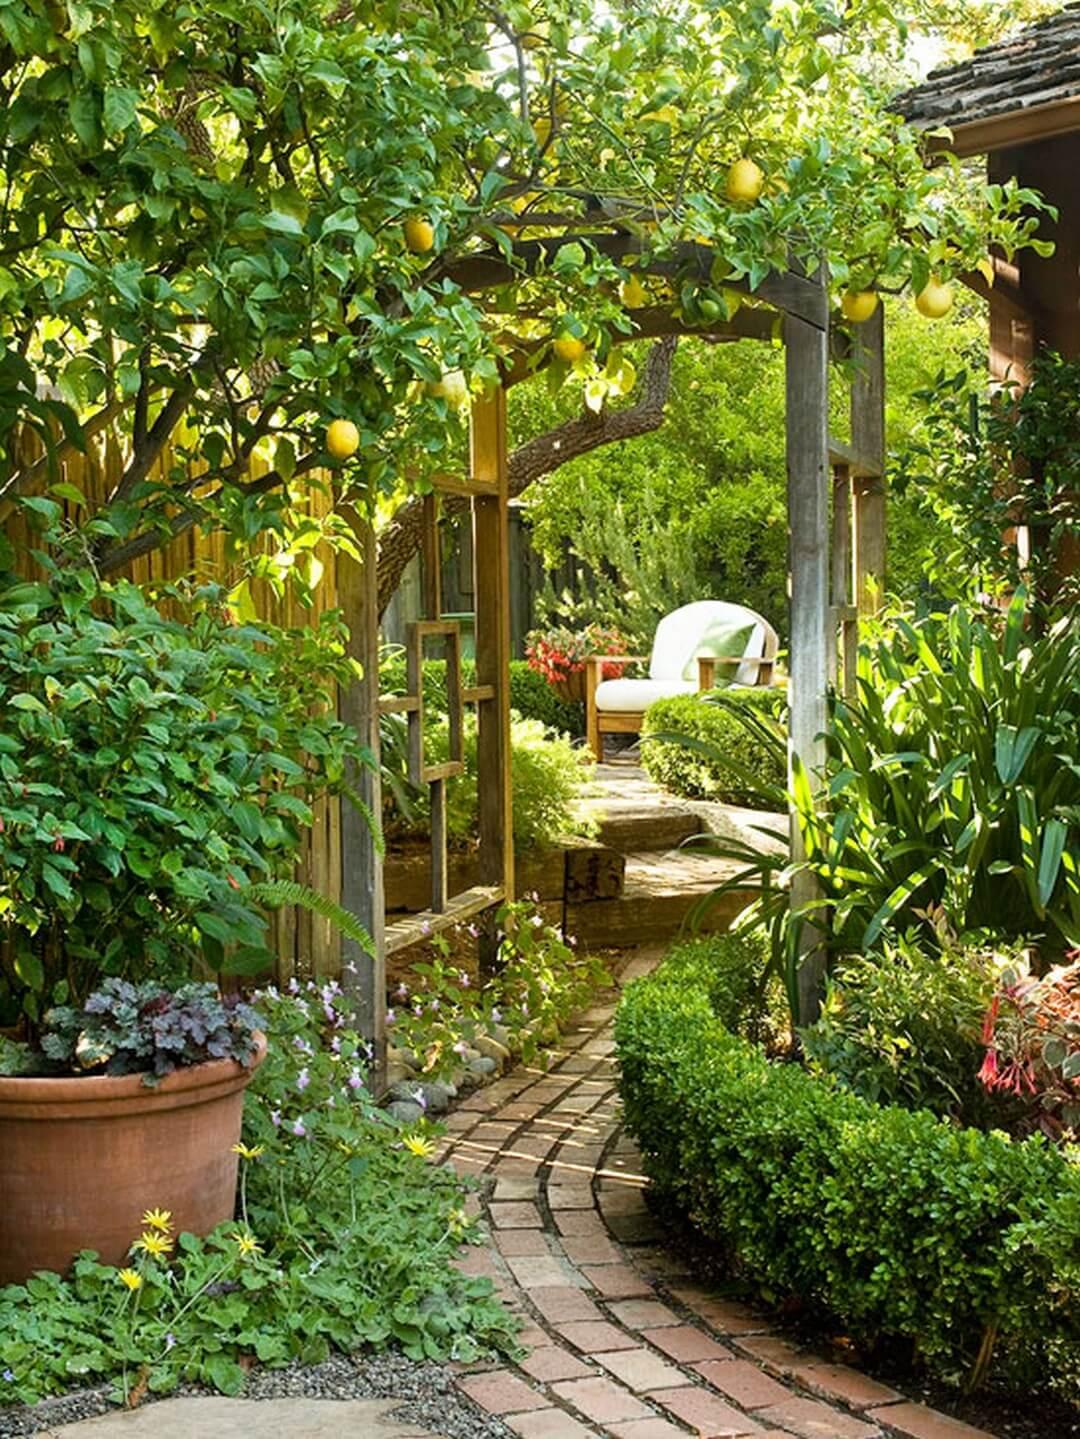 Decorare il giardino in modo creativo 20 idee for Decorare il giardino